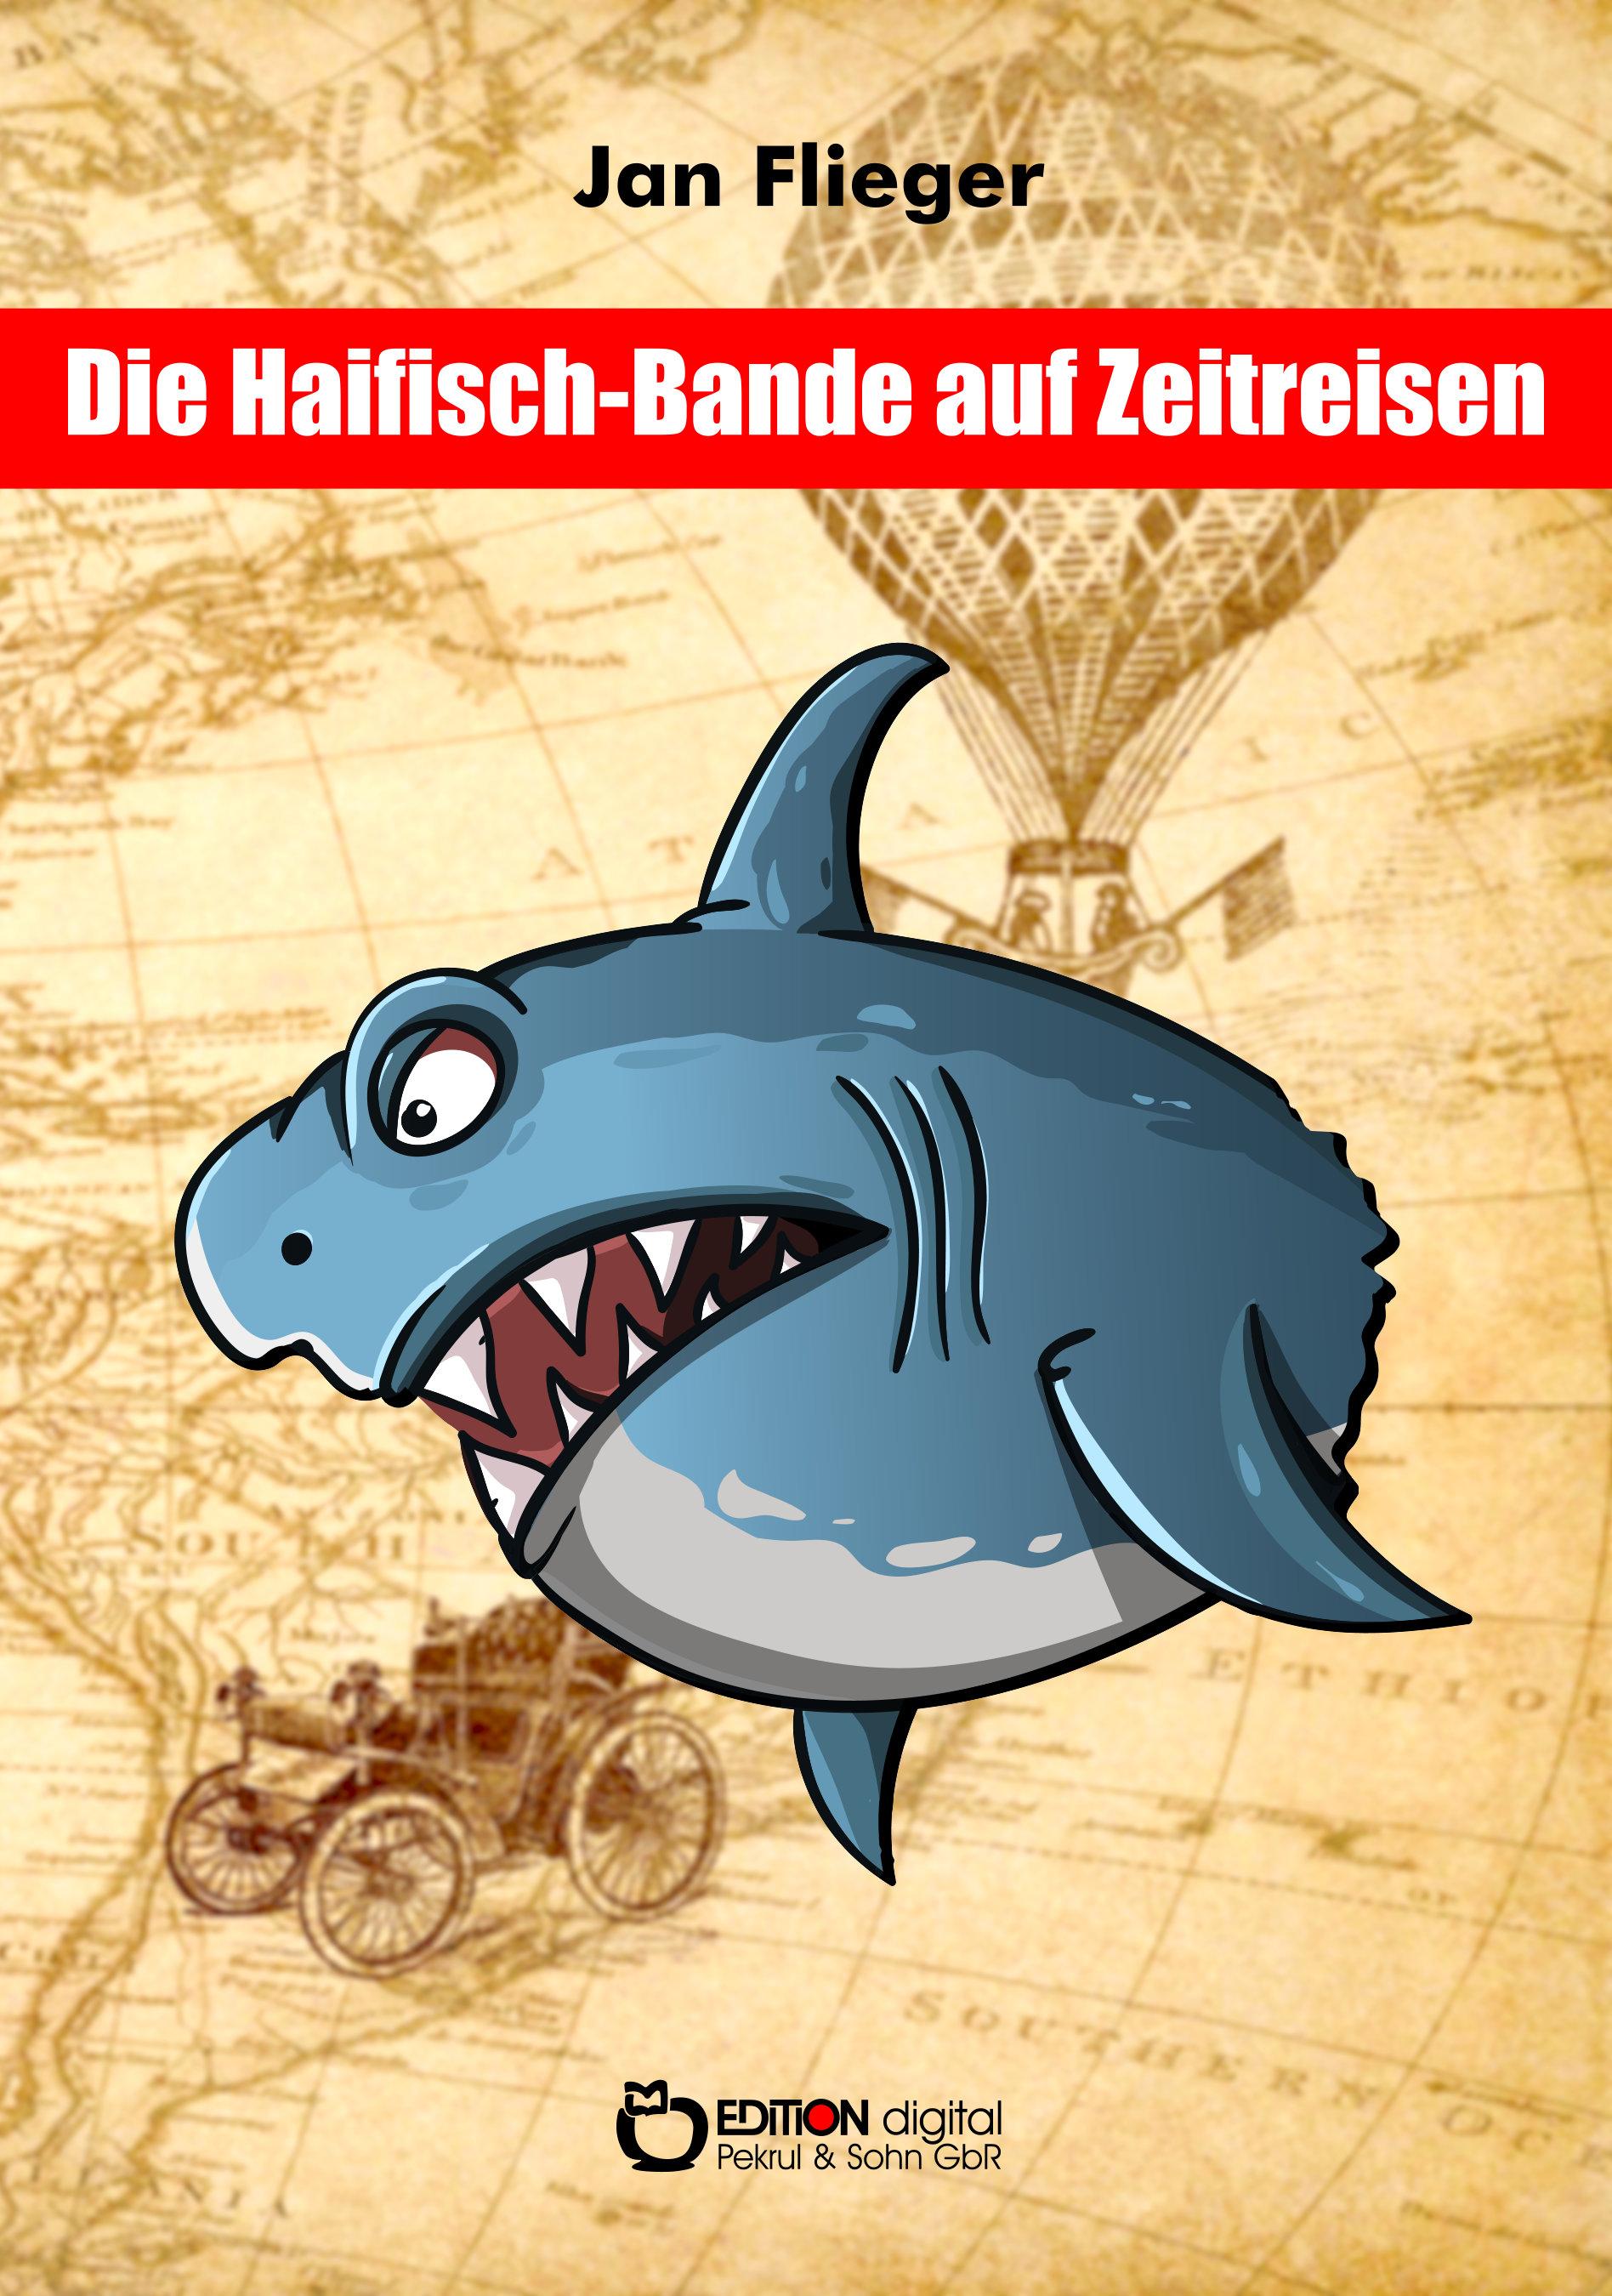 Die Haifisch-Bande auf Zeitreisen von Jan Flieger